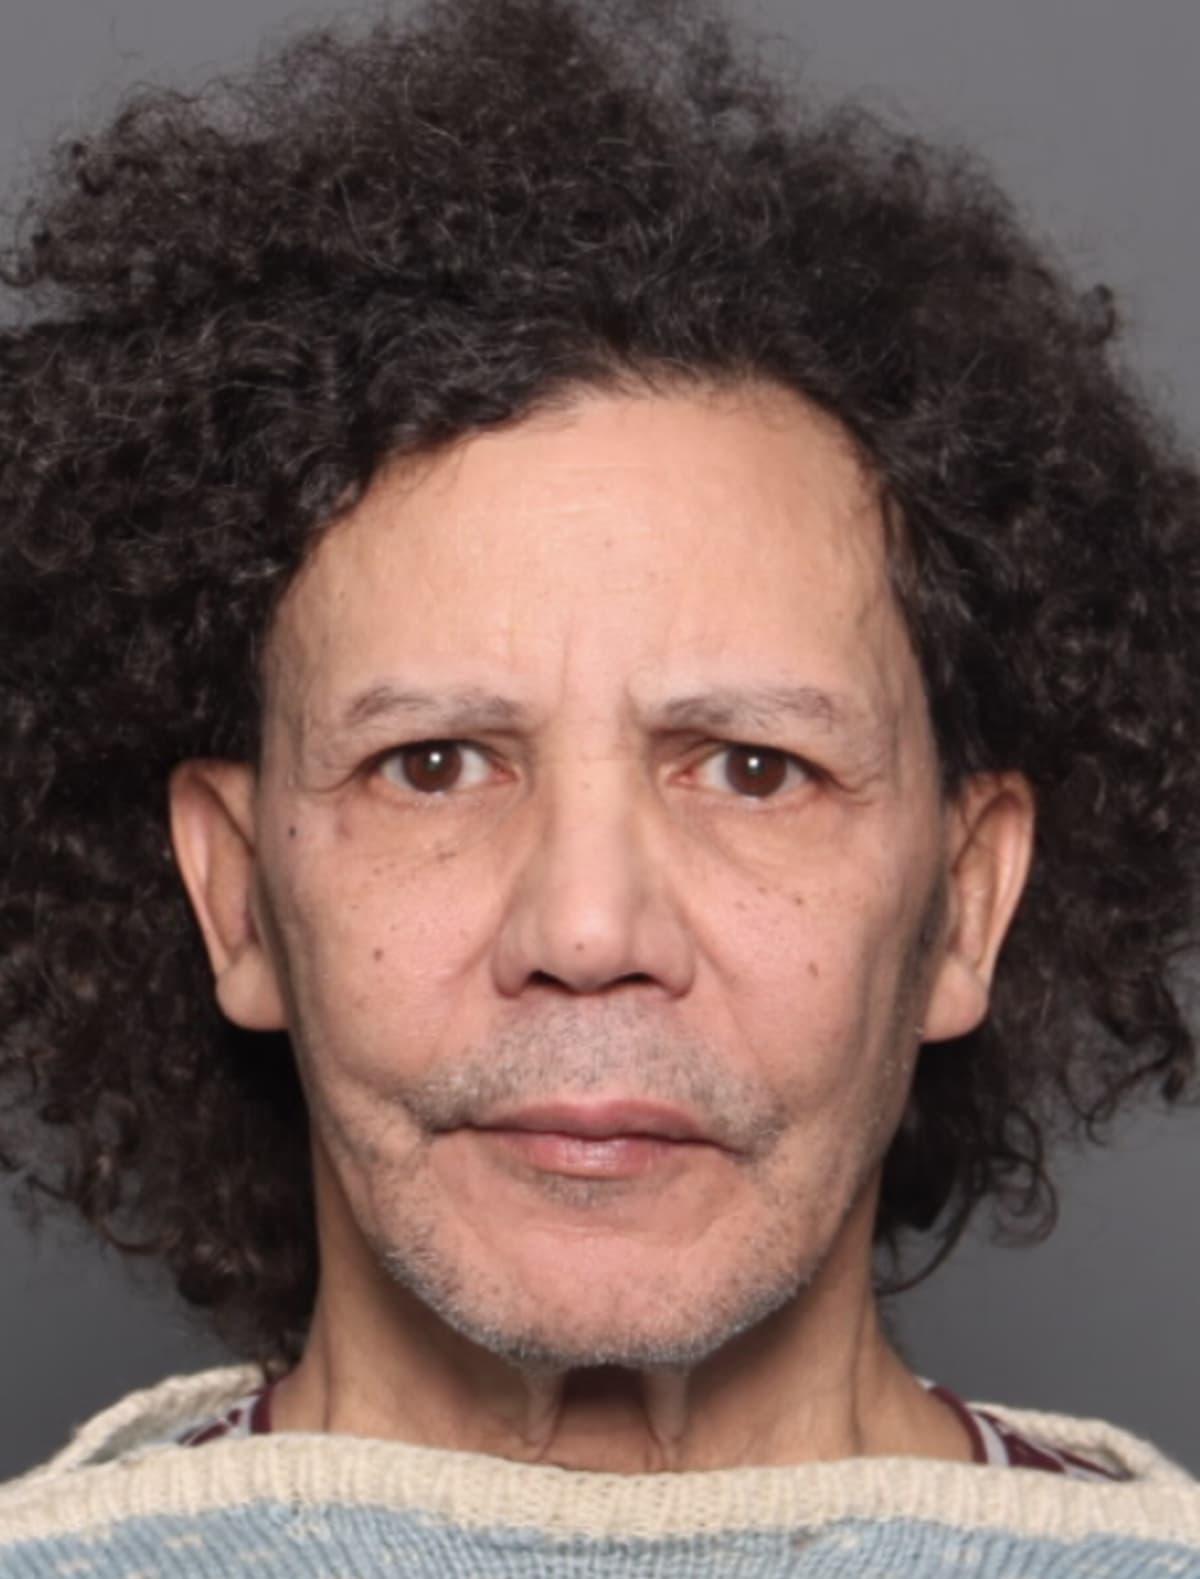 Kuva miehestä, jota poliisi epäilee lapsiin kohdistuneista seksuaalirikoksista.